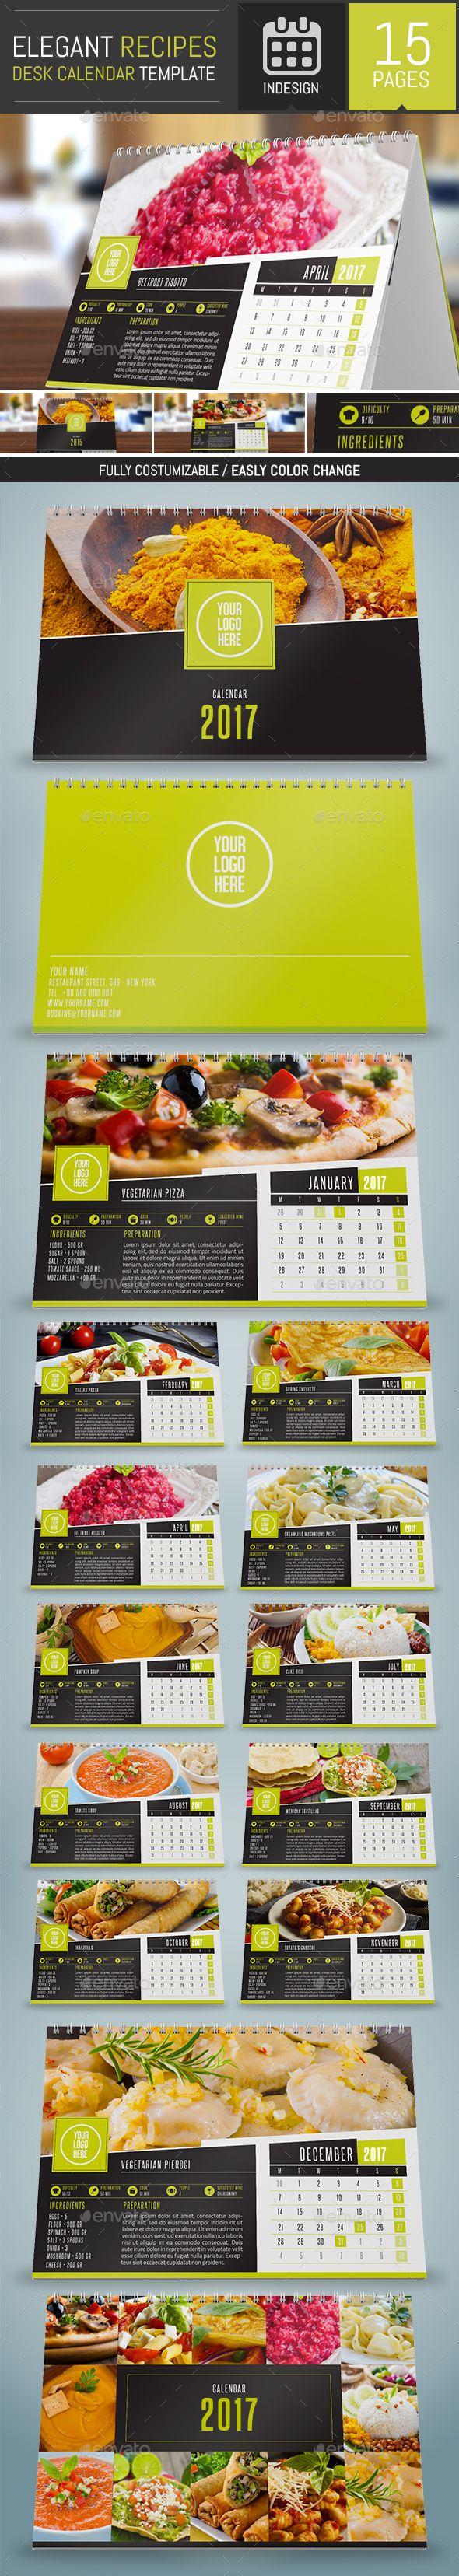 Elegant Recipes 2017 Desk Calendar Template - Calendars Stationery